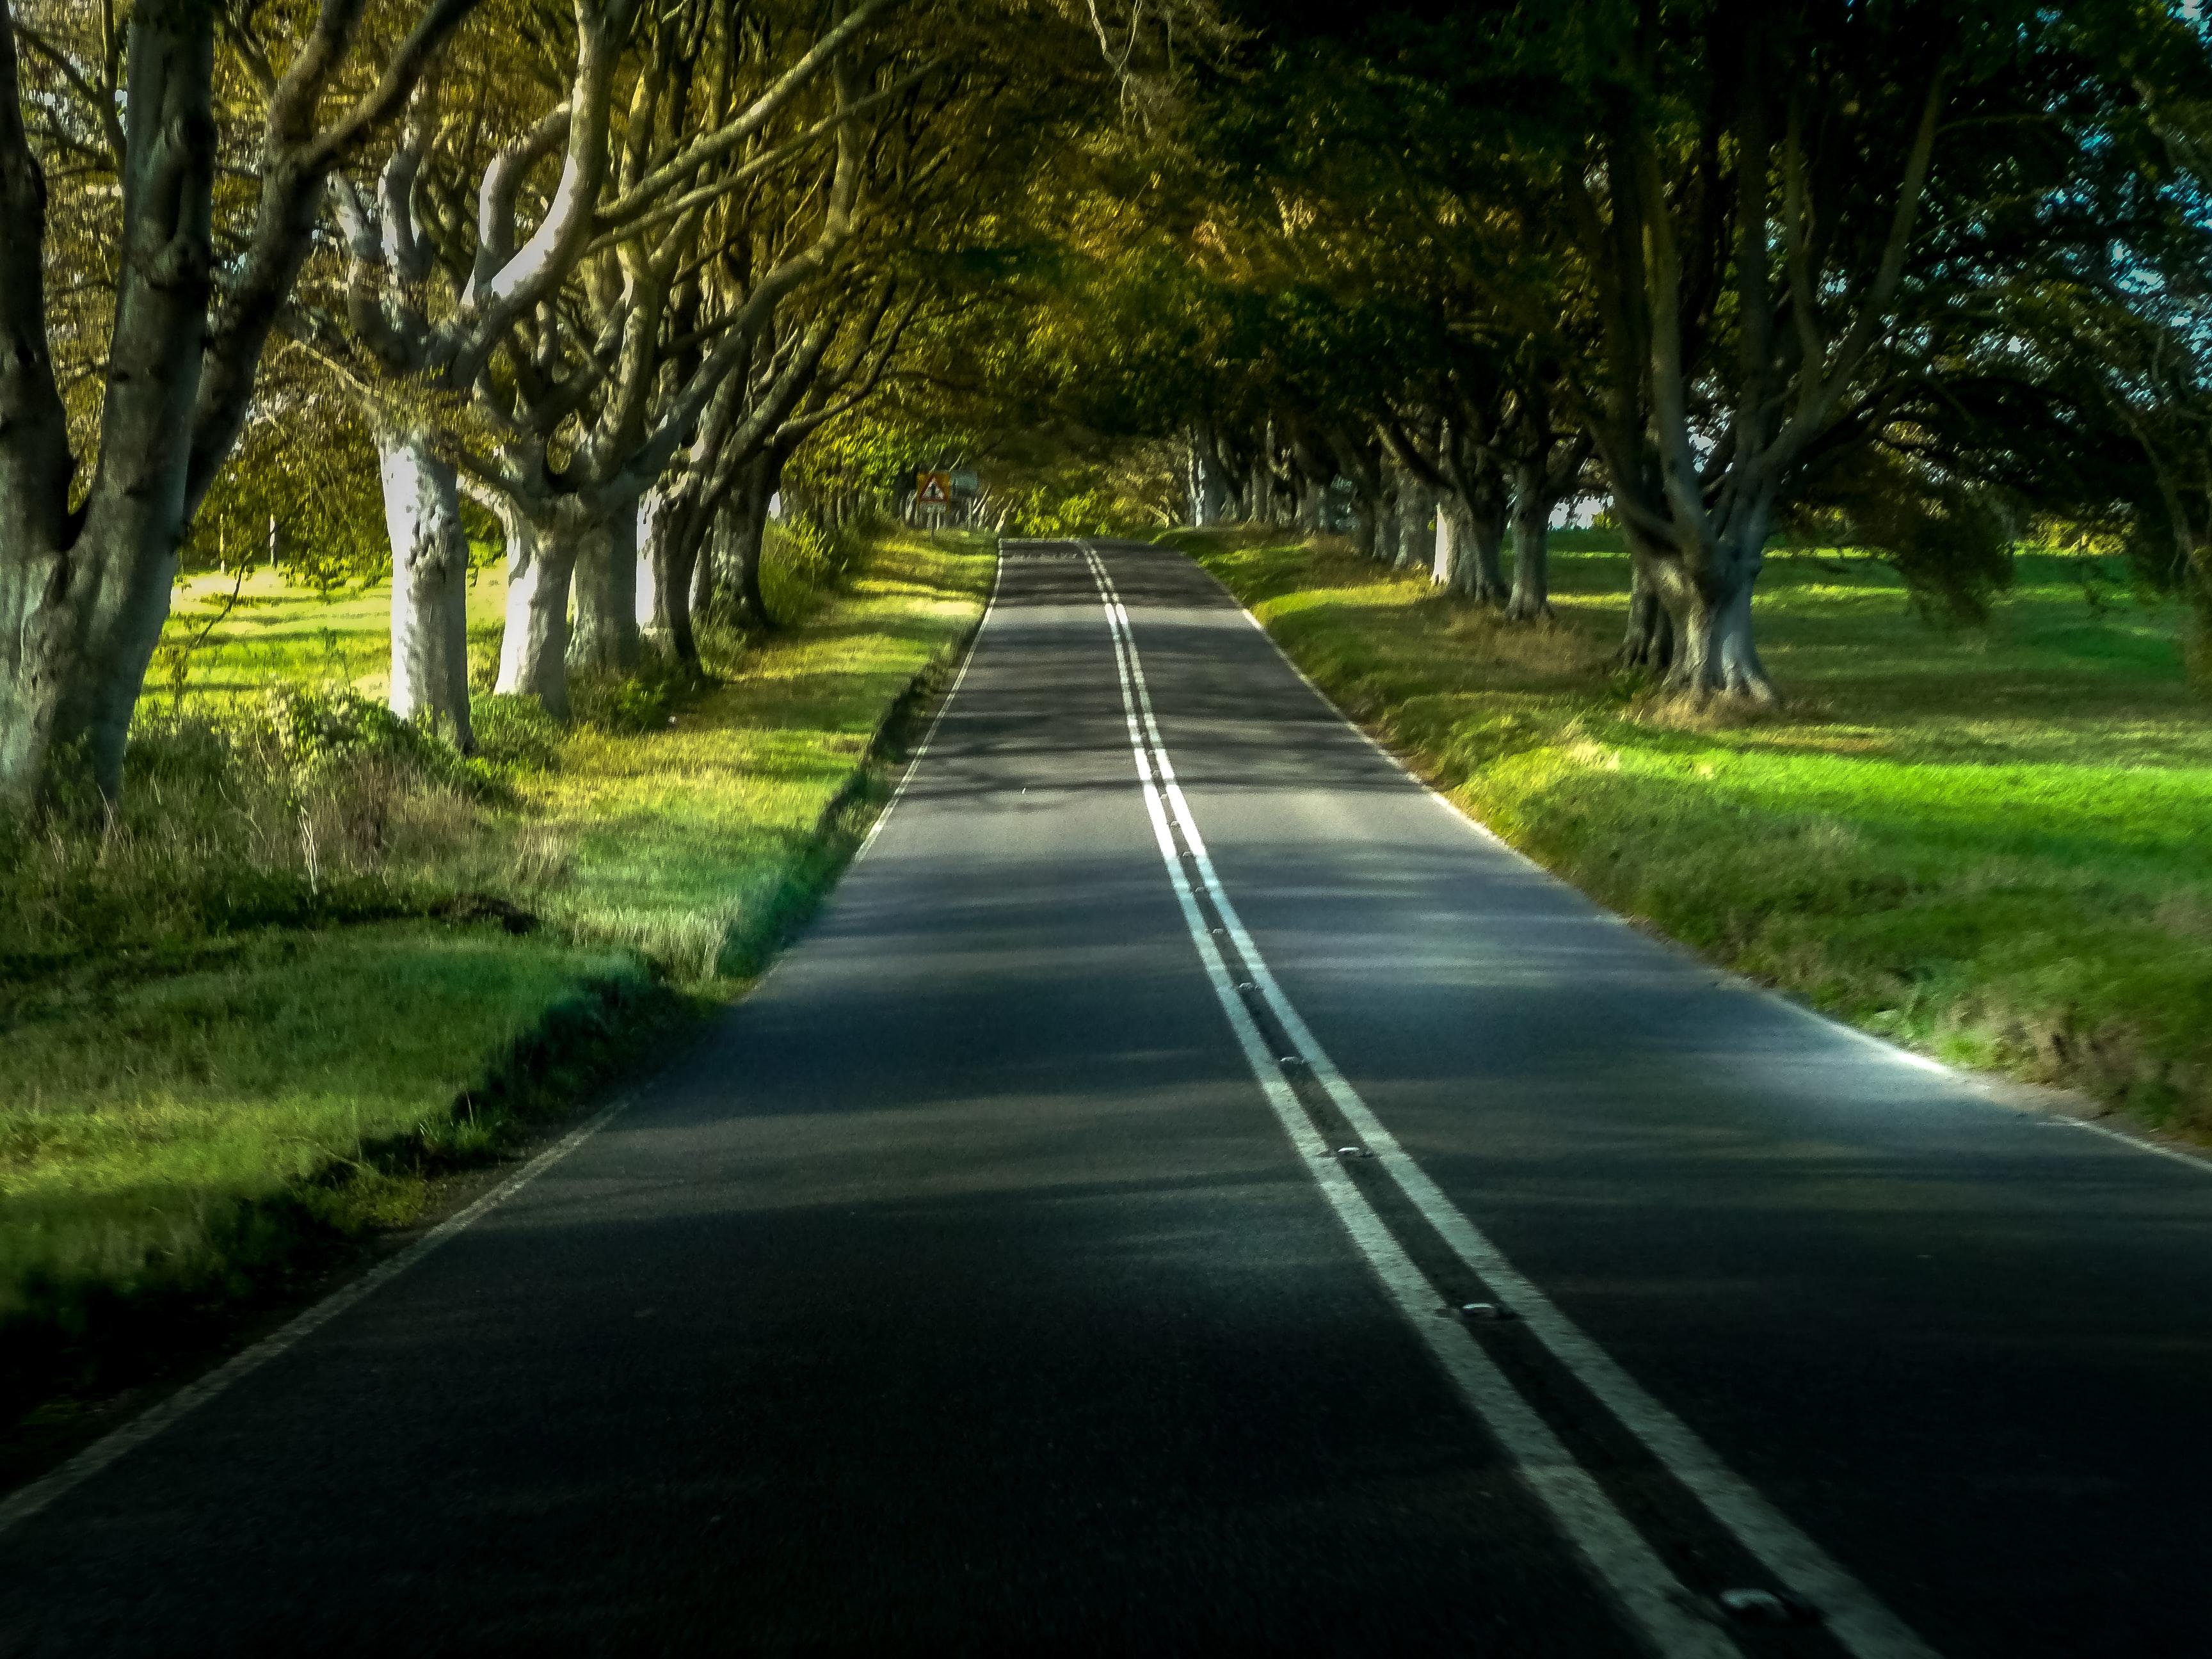 National Highways credit nick fewings via unsplash